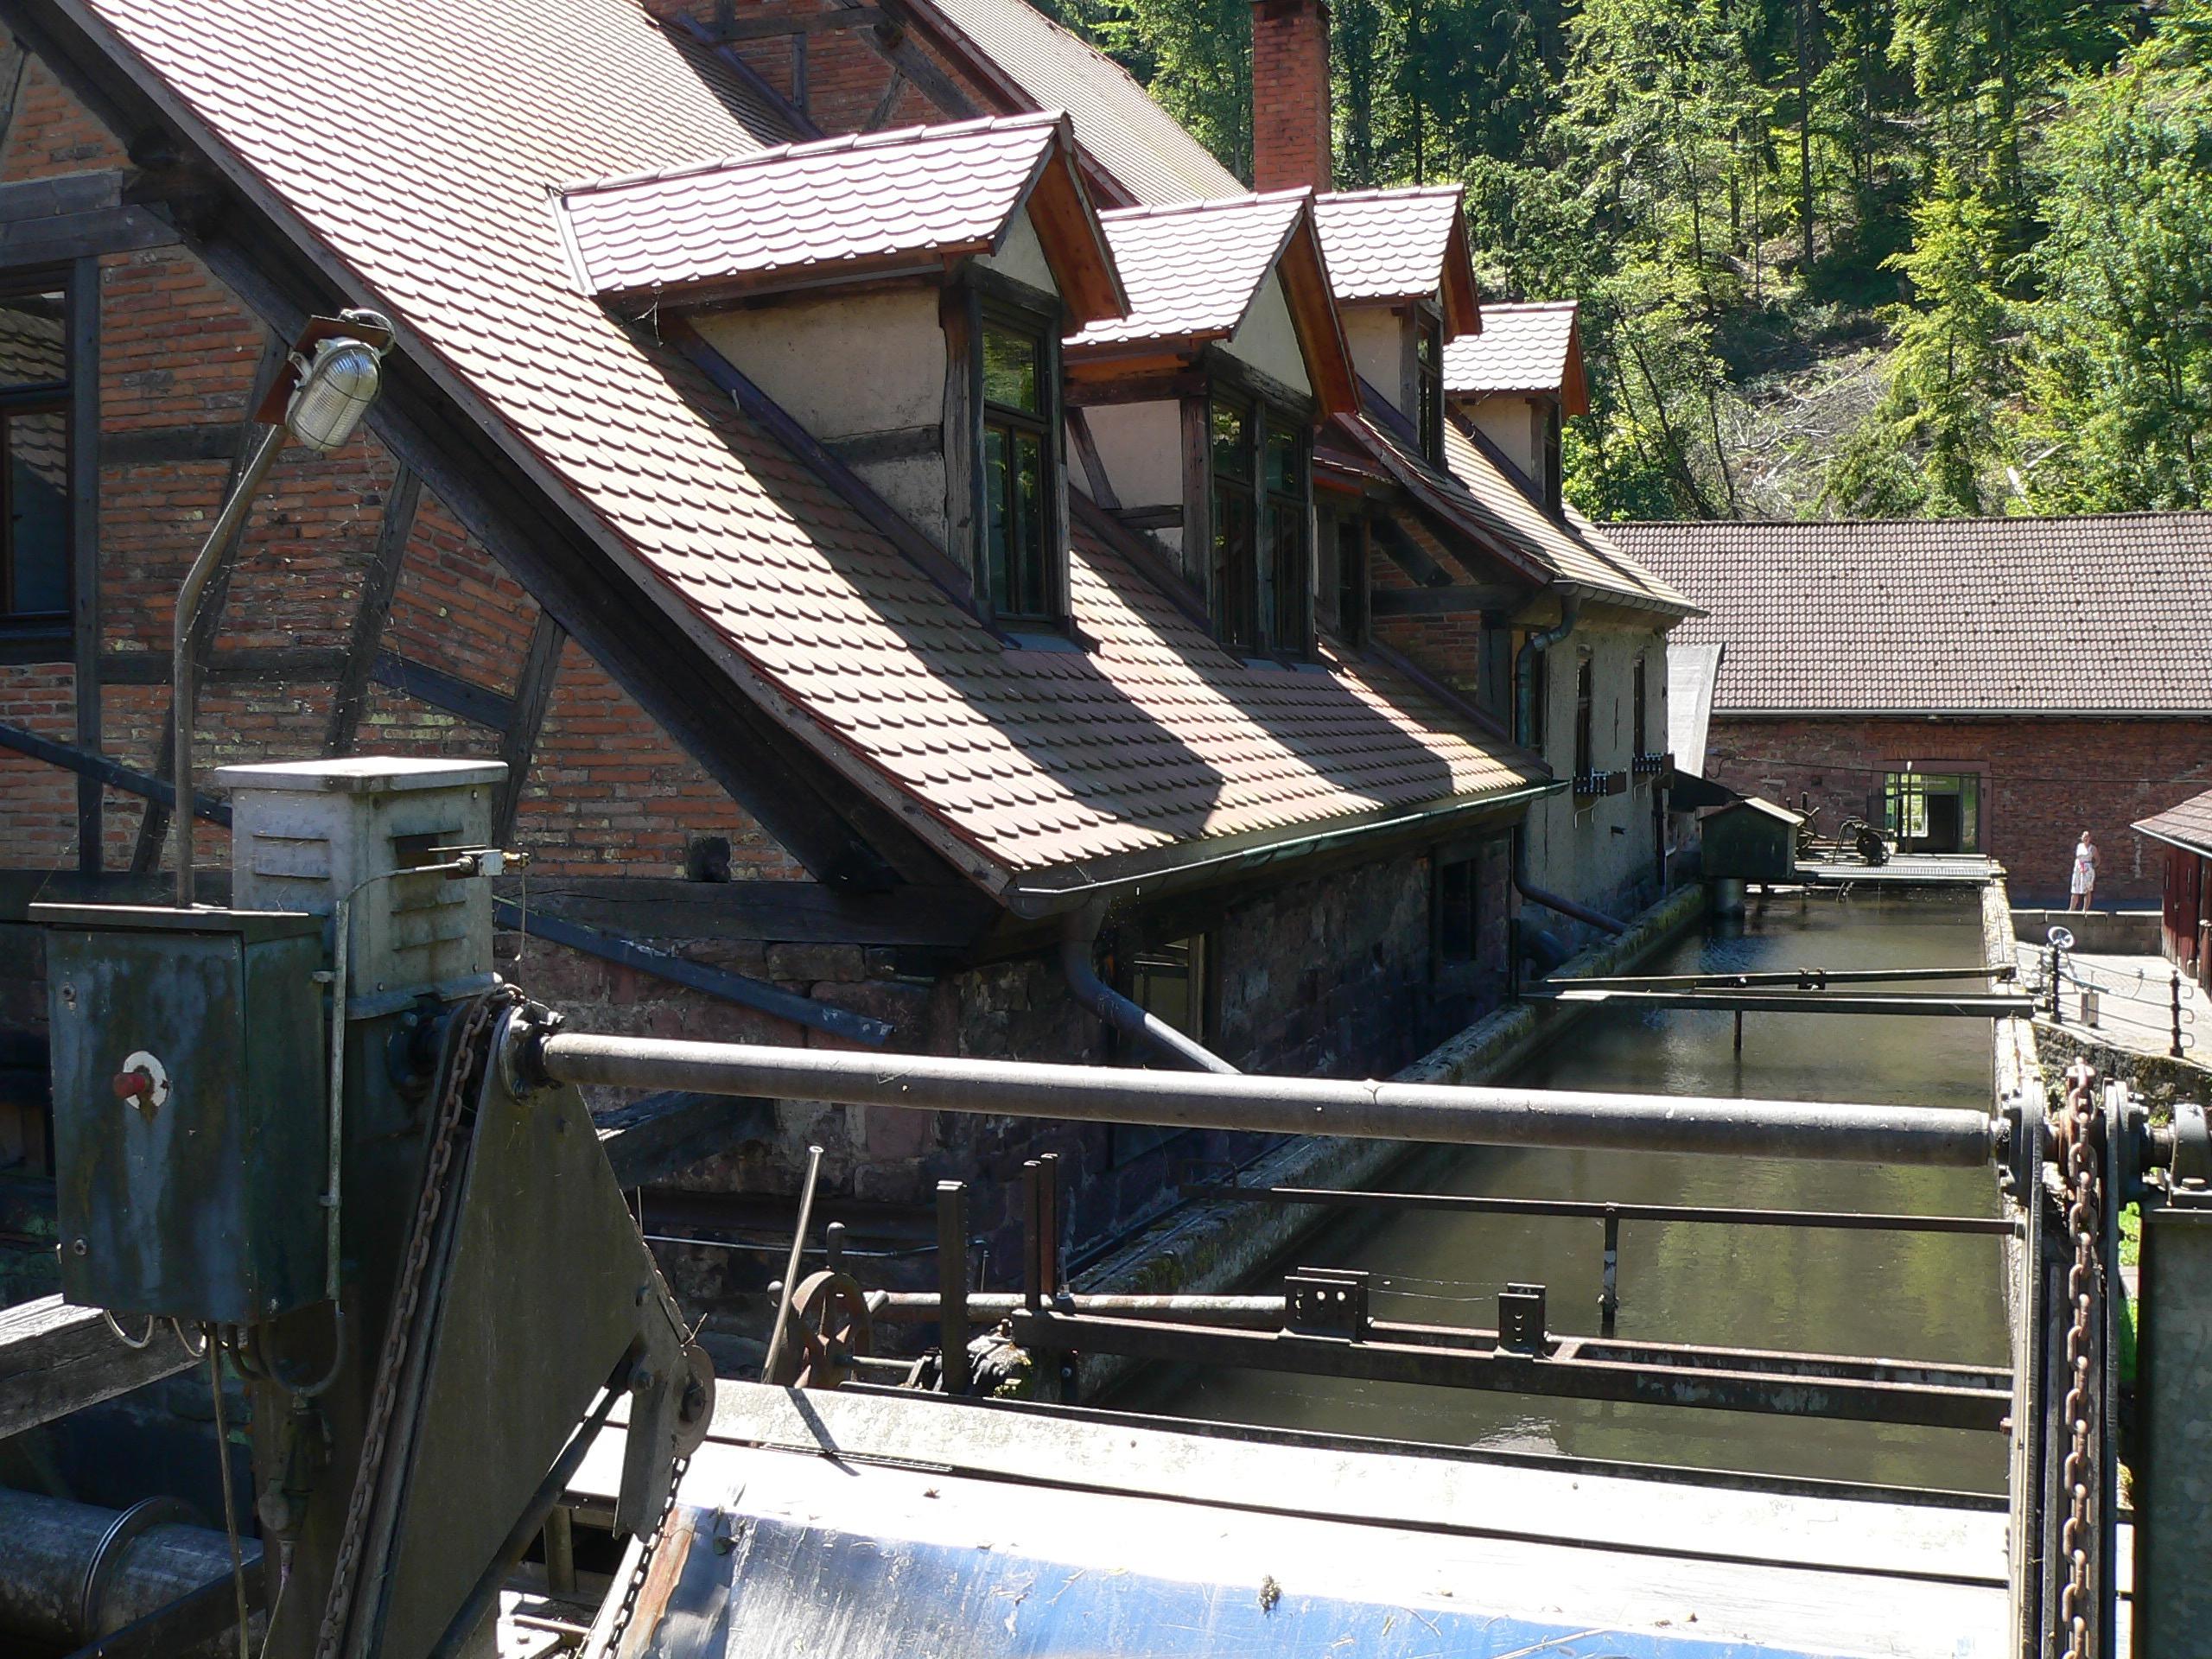 Der Wasserbau des Eisenhammers bringt je nach Witterung zwischen 400 und 800 Liter Wasser in der Sekunde und sorgt dafür, dass die Walzen sich drehen und deren Noppen die Schlaghämmer aufwerfen. | Foto: B. Schneider